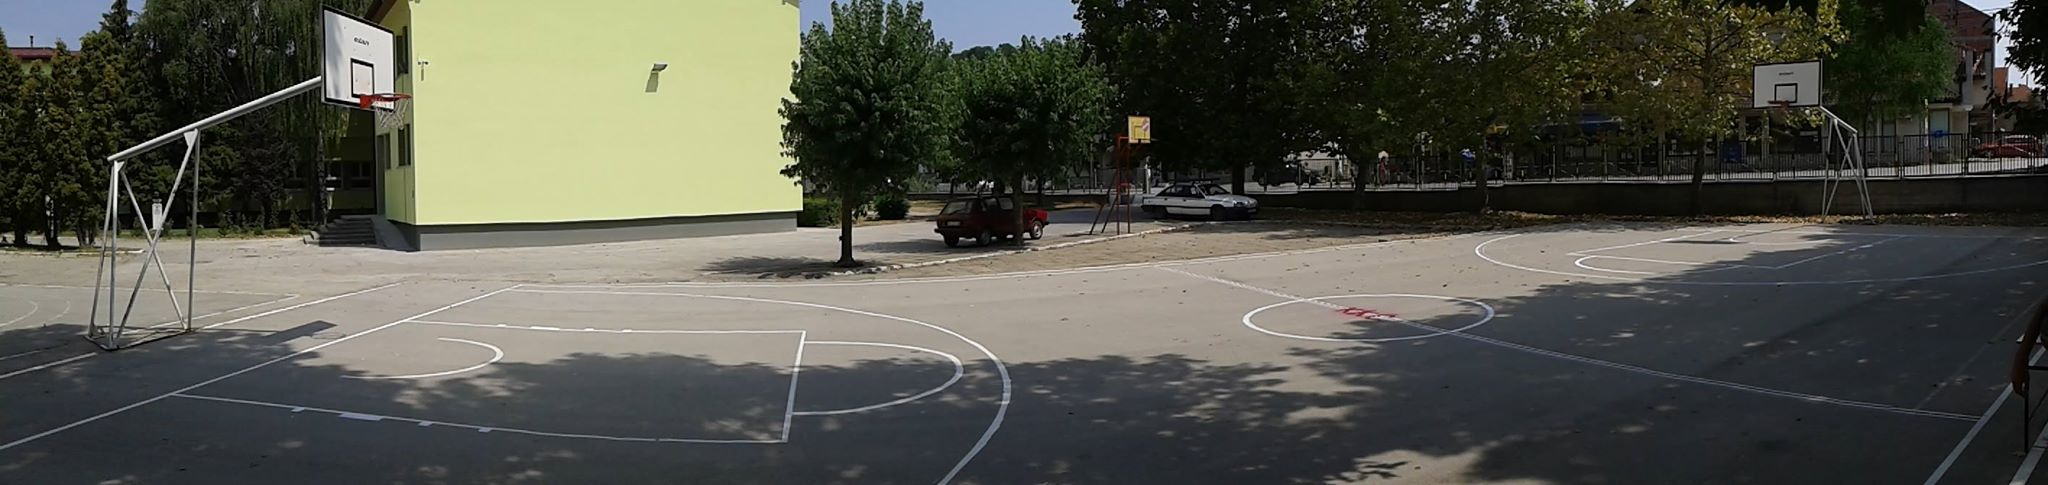 Letnji košarkaški kamp u Svrljigu 1